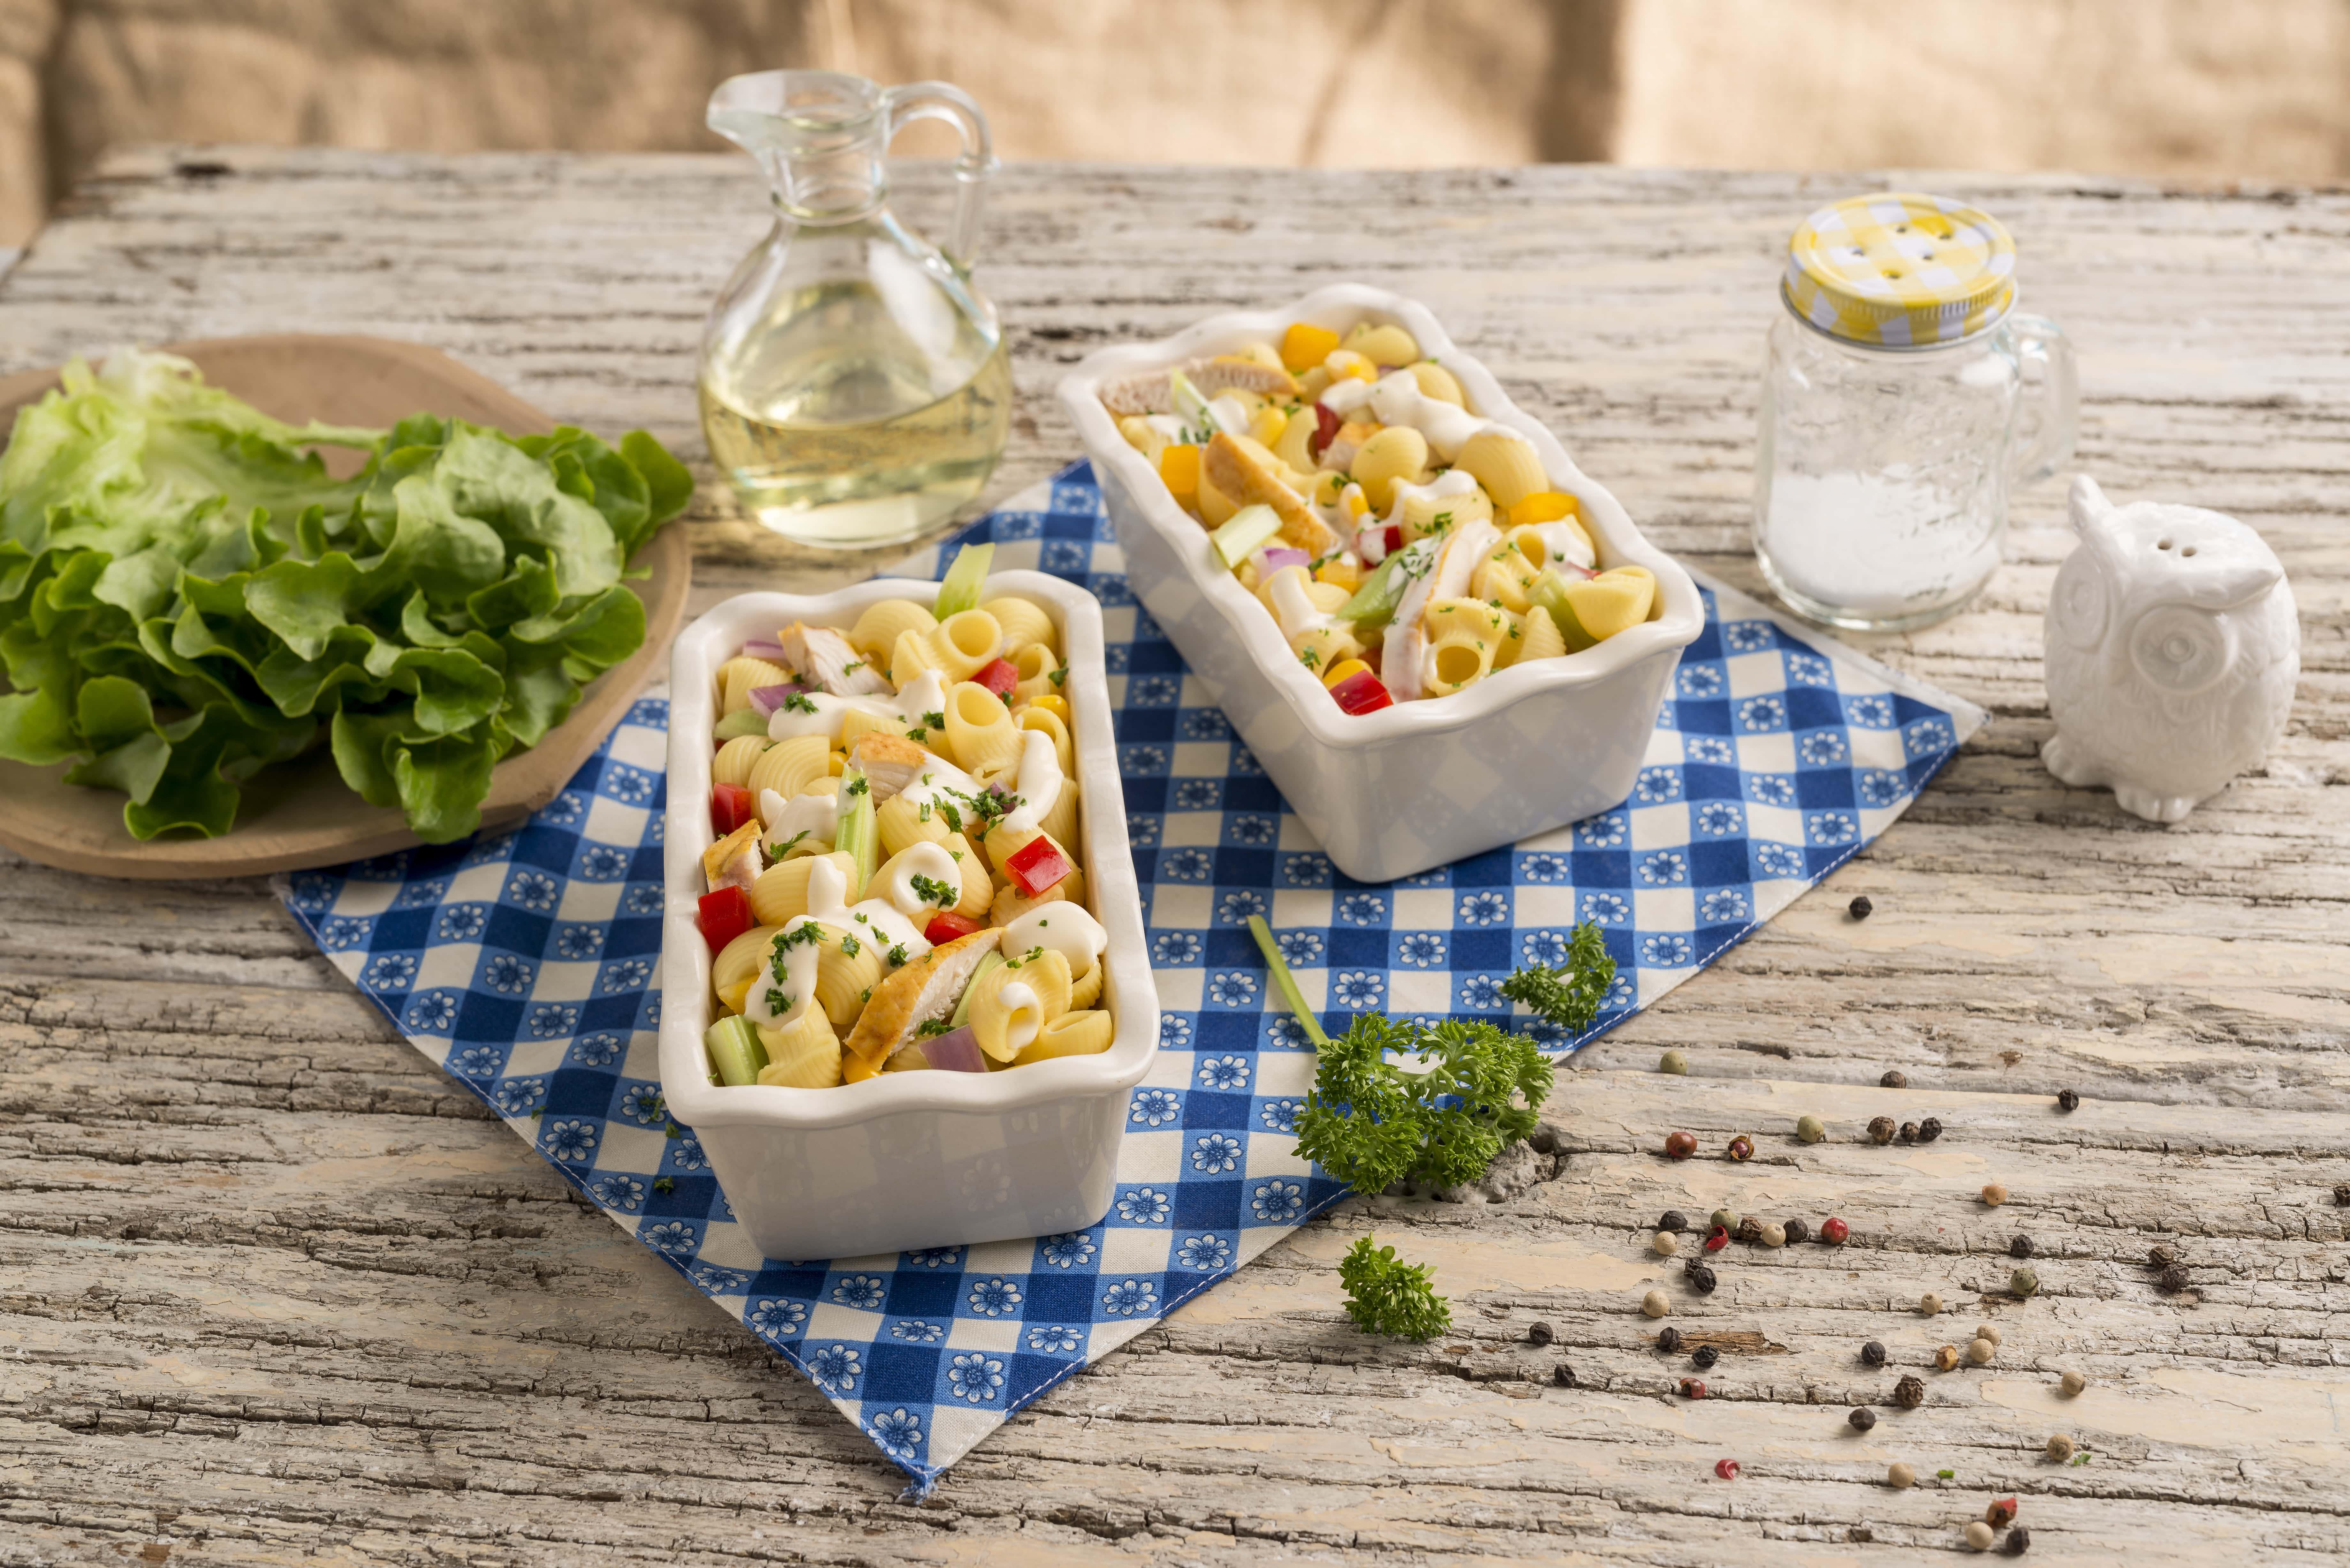 Ensalada de pasta con pollo y vegetales